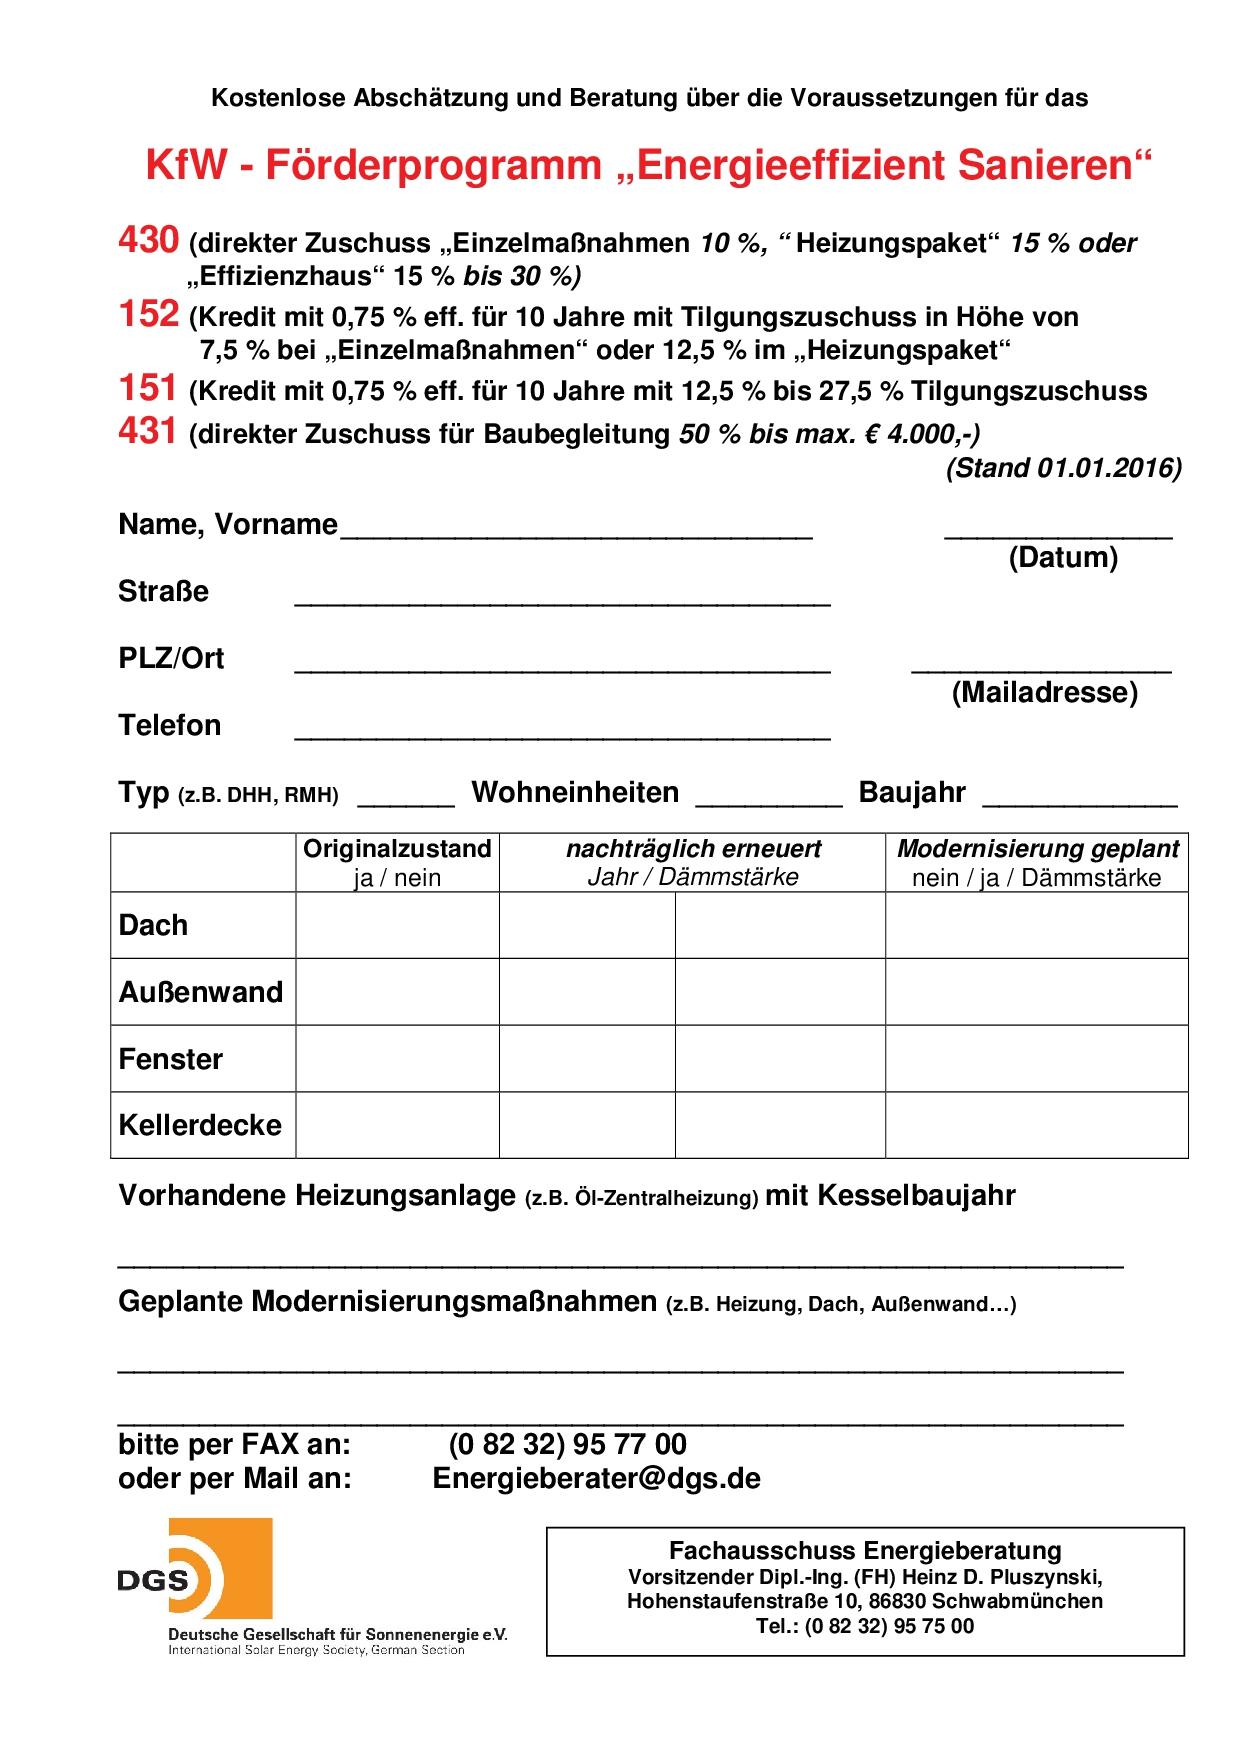 Kfw 152 liste der forderfahigen kosten